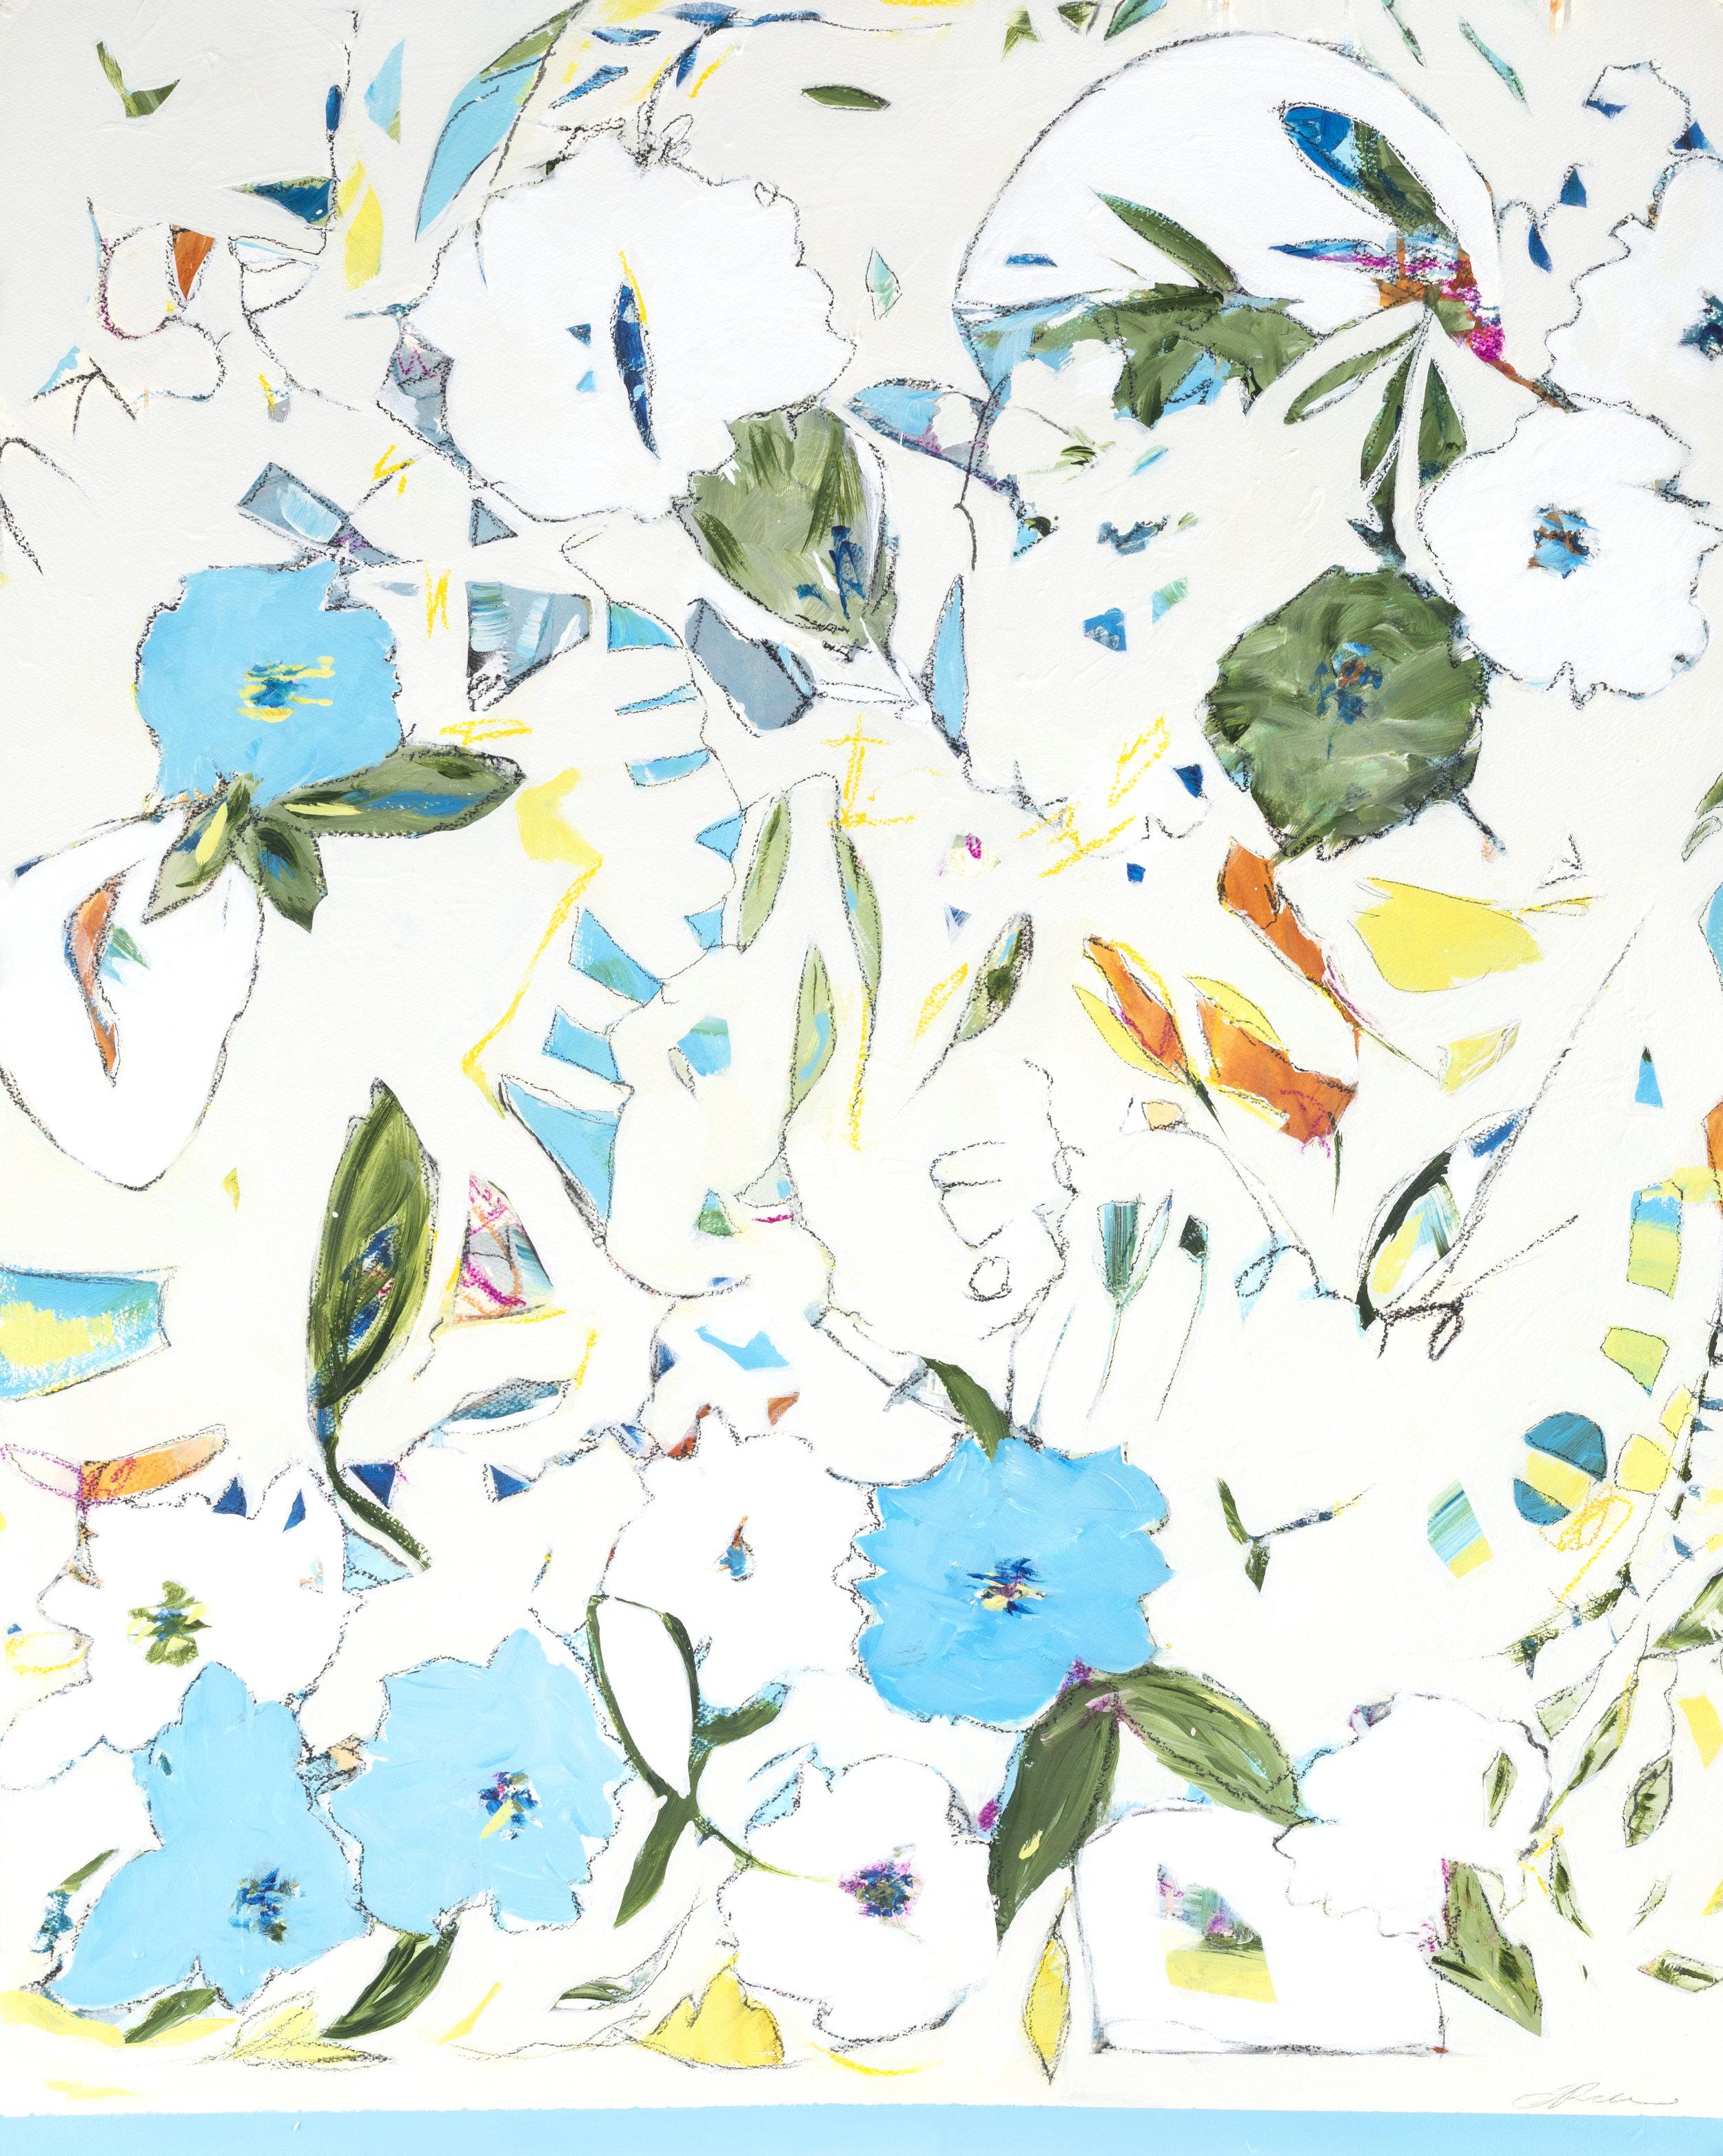 """Hydrangeas, Blueberries, & Sapphires - 36"""" x 43"""" Mixed media on paper, framedSOLD"""